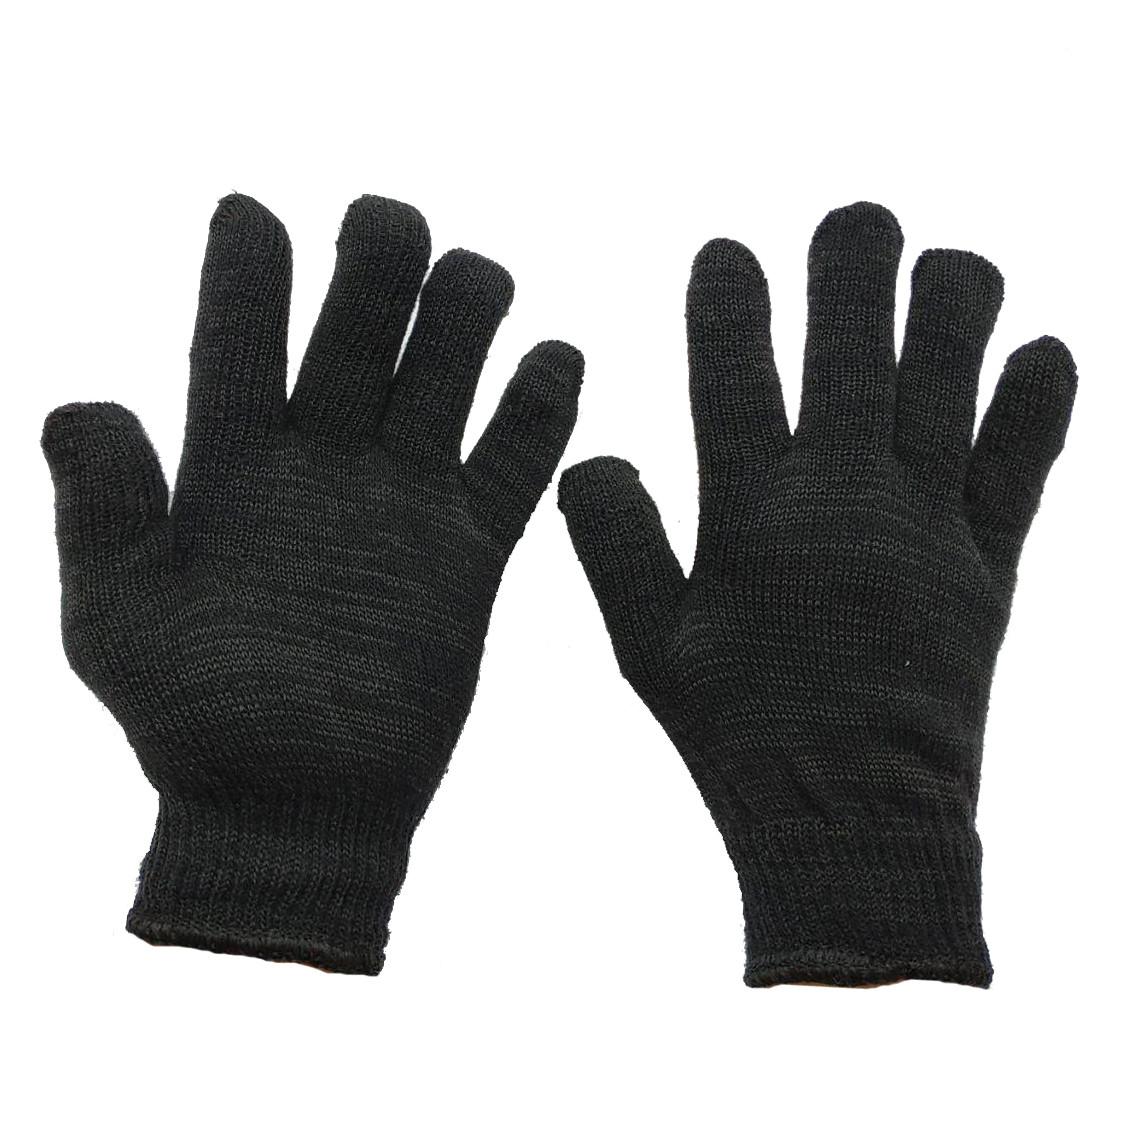 Рукавички робочі чорні трикотажні без протектора двошарові в'язані